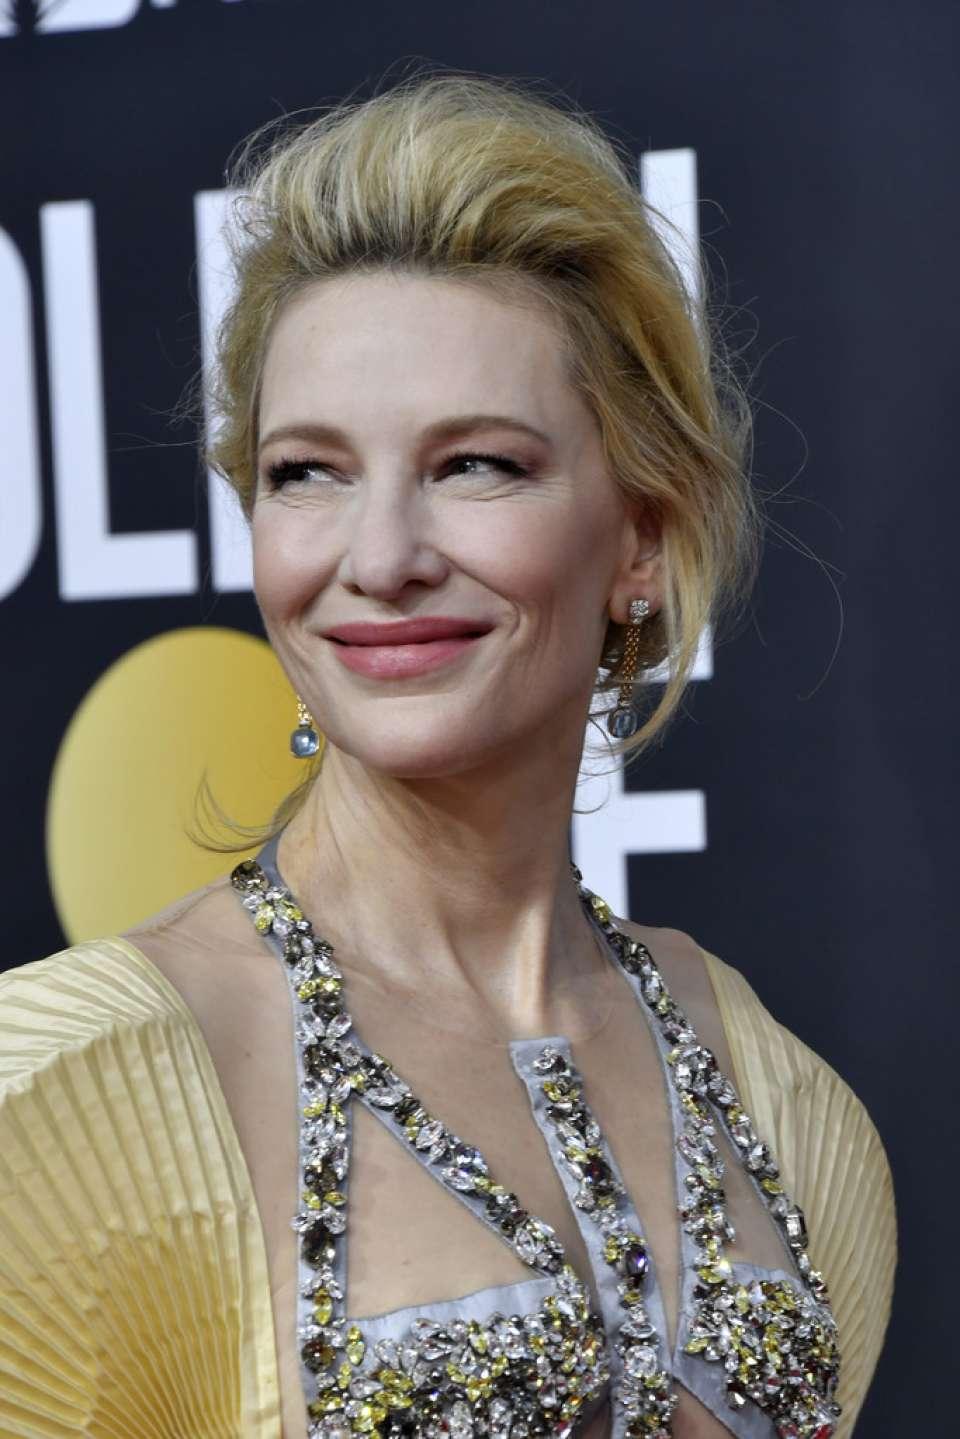 Cate Blanchett 2020 : Cate Blanchett – 2020 Golden Globe Awards-06